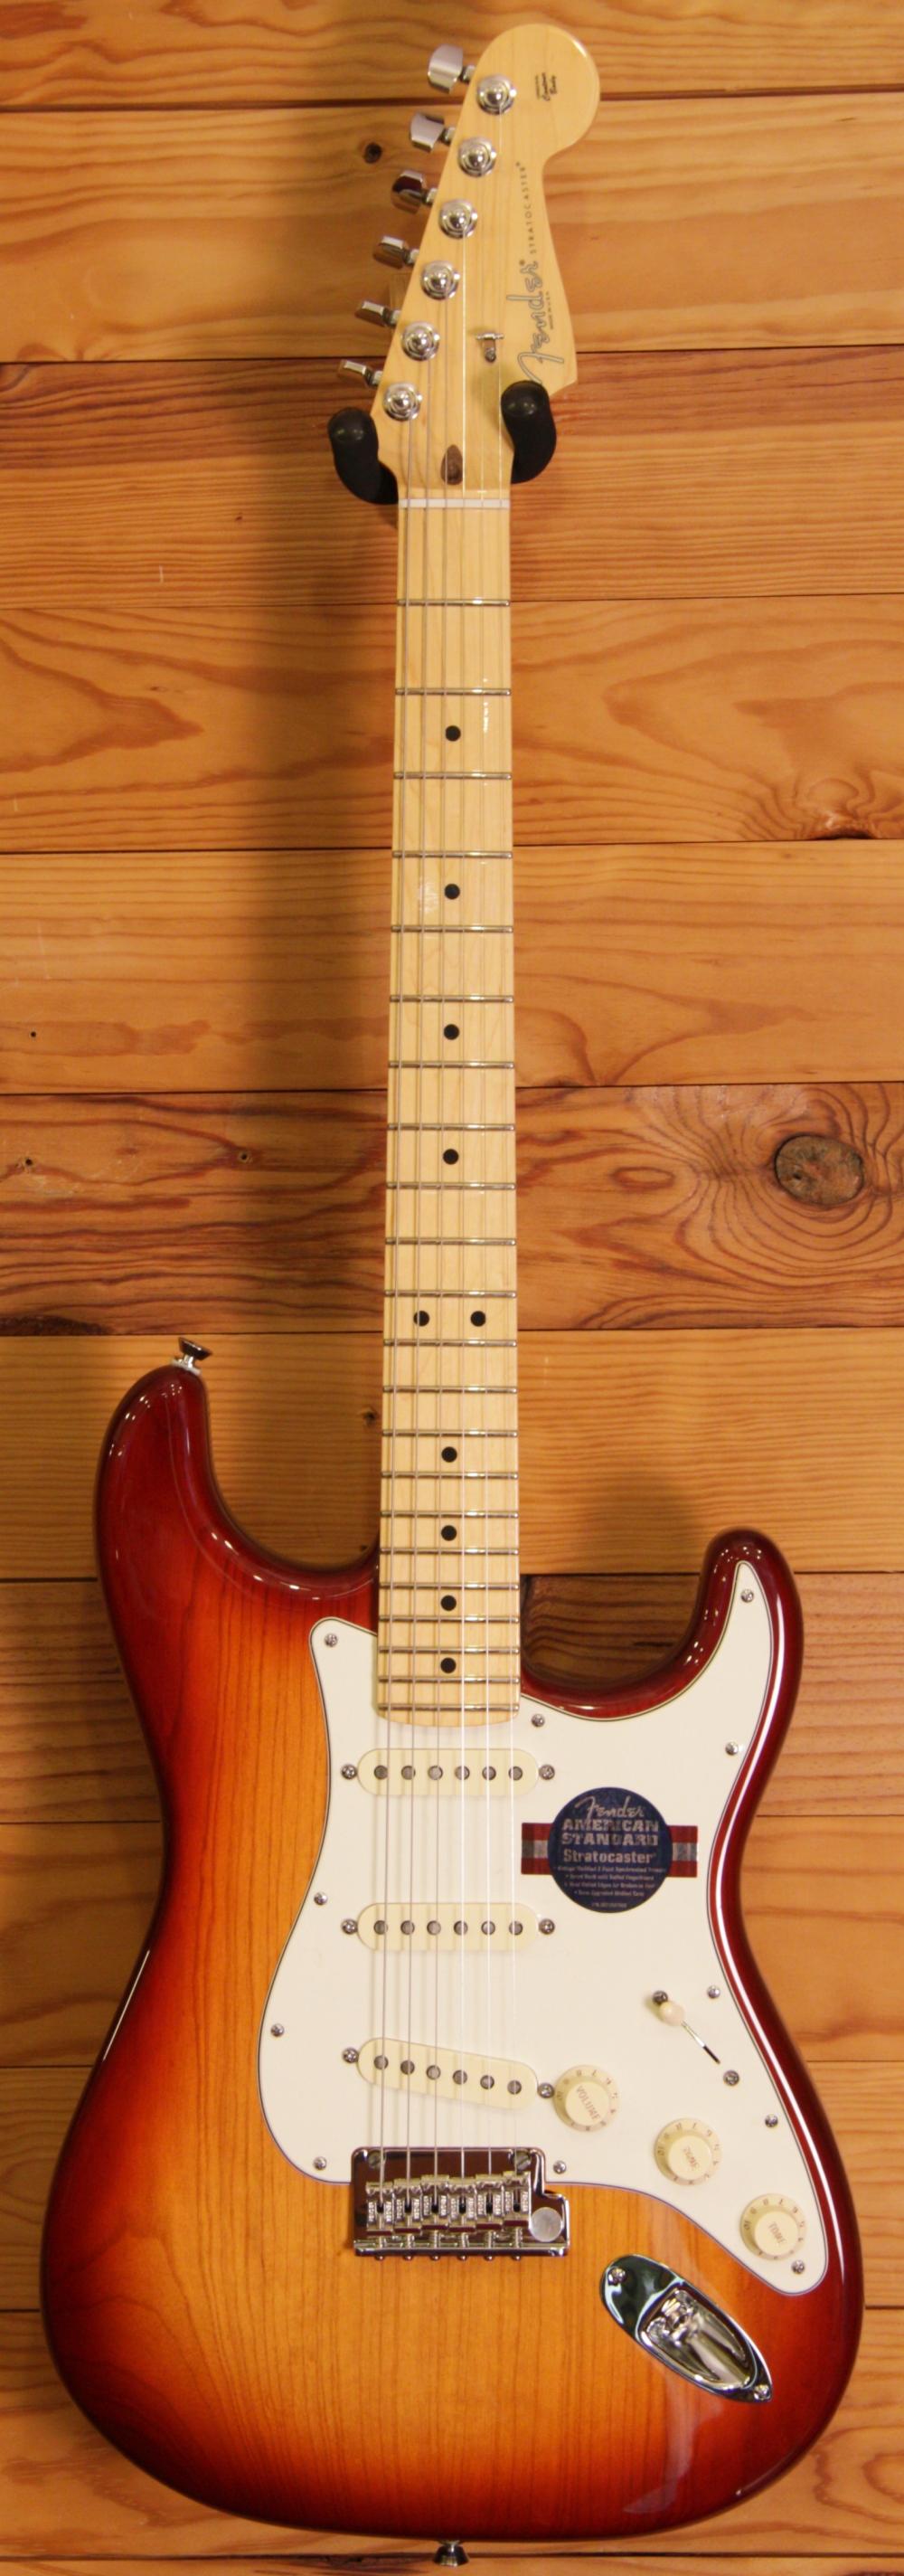 fender american standard stratocaster 2012 rockshop magasin de guitares montpellier. Black Bedroom Furniture Sets. Home Design Ideas